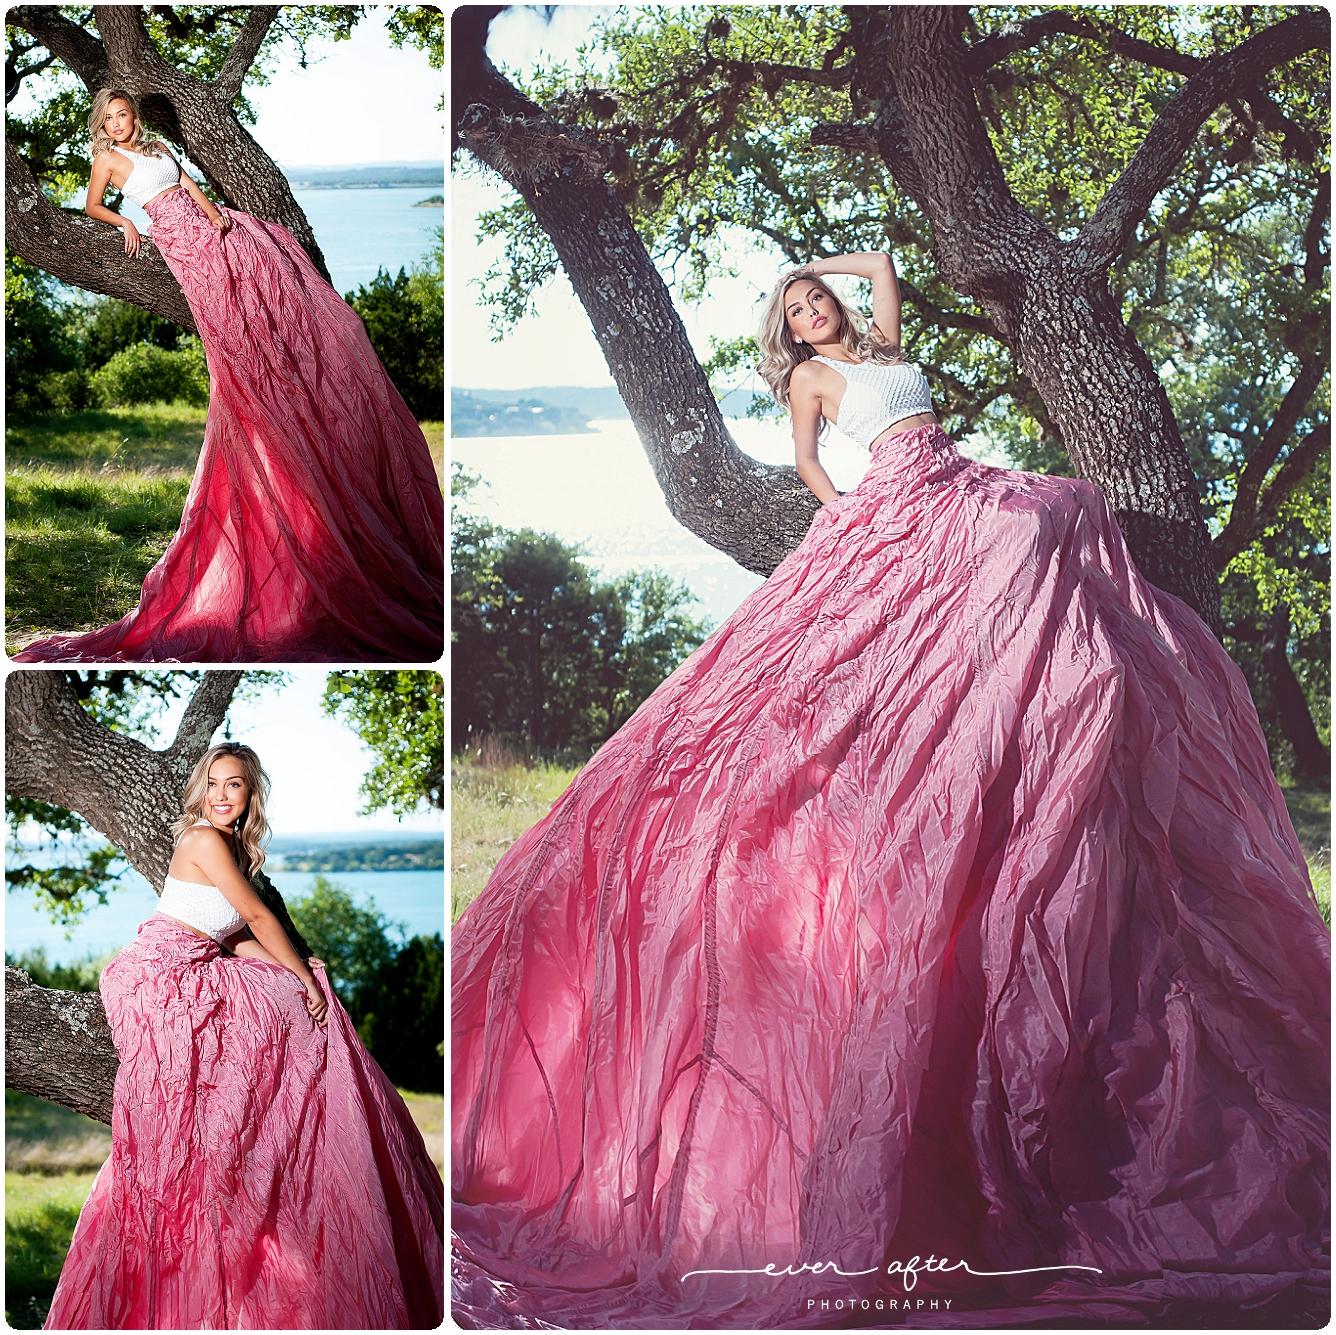 dress-in-a-tree.jpg